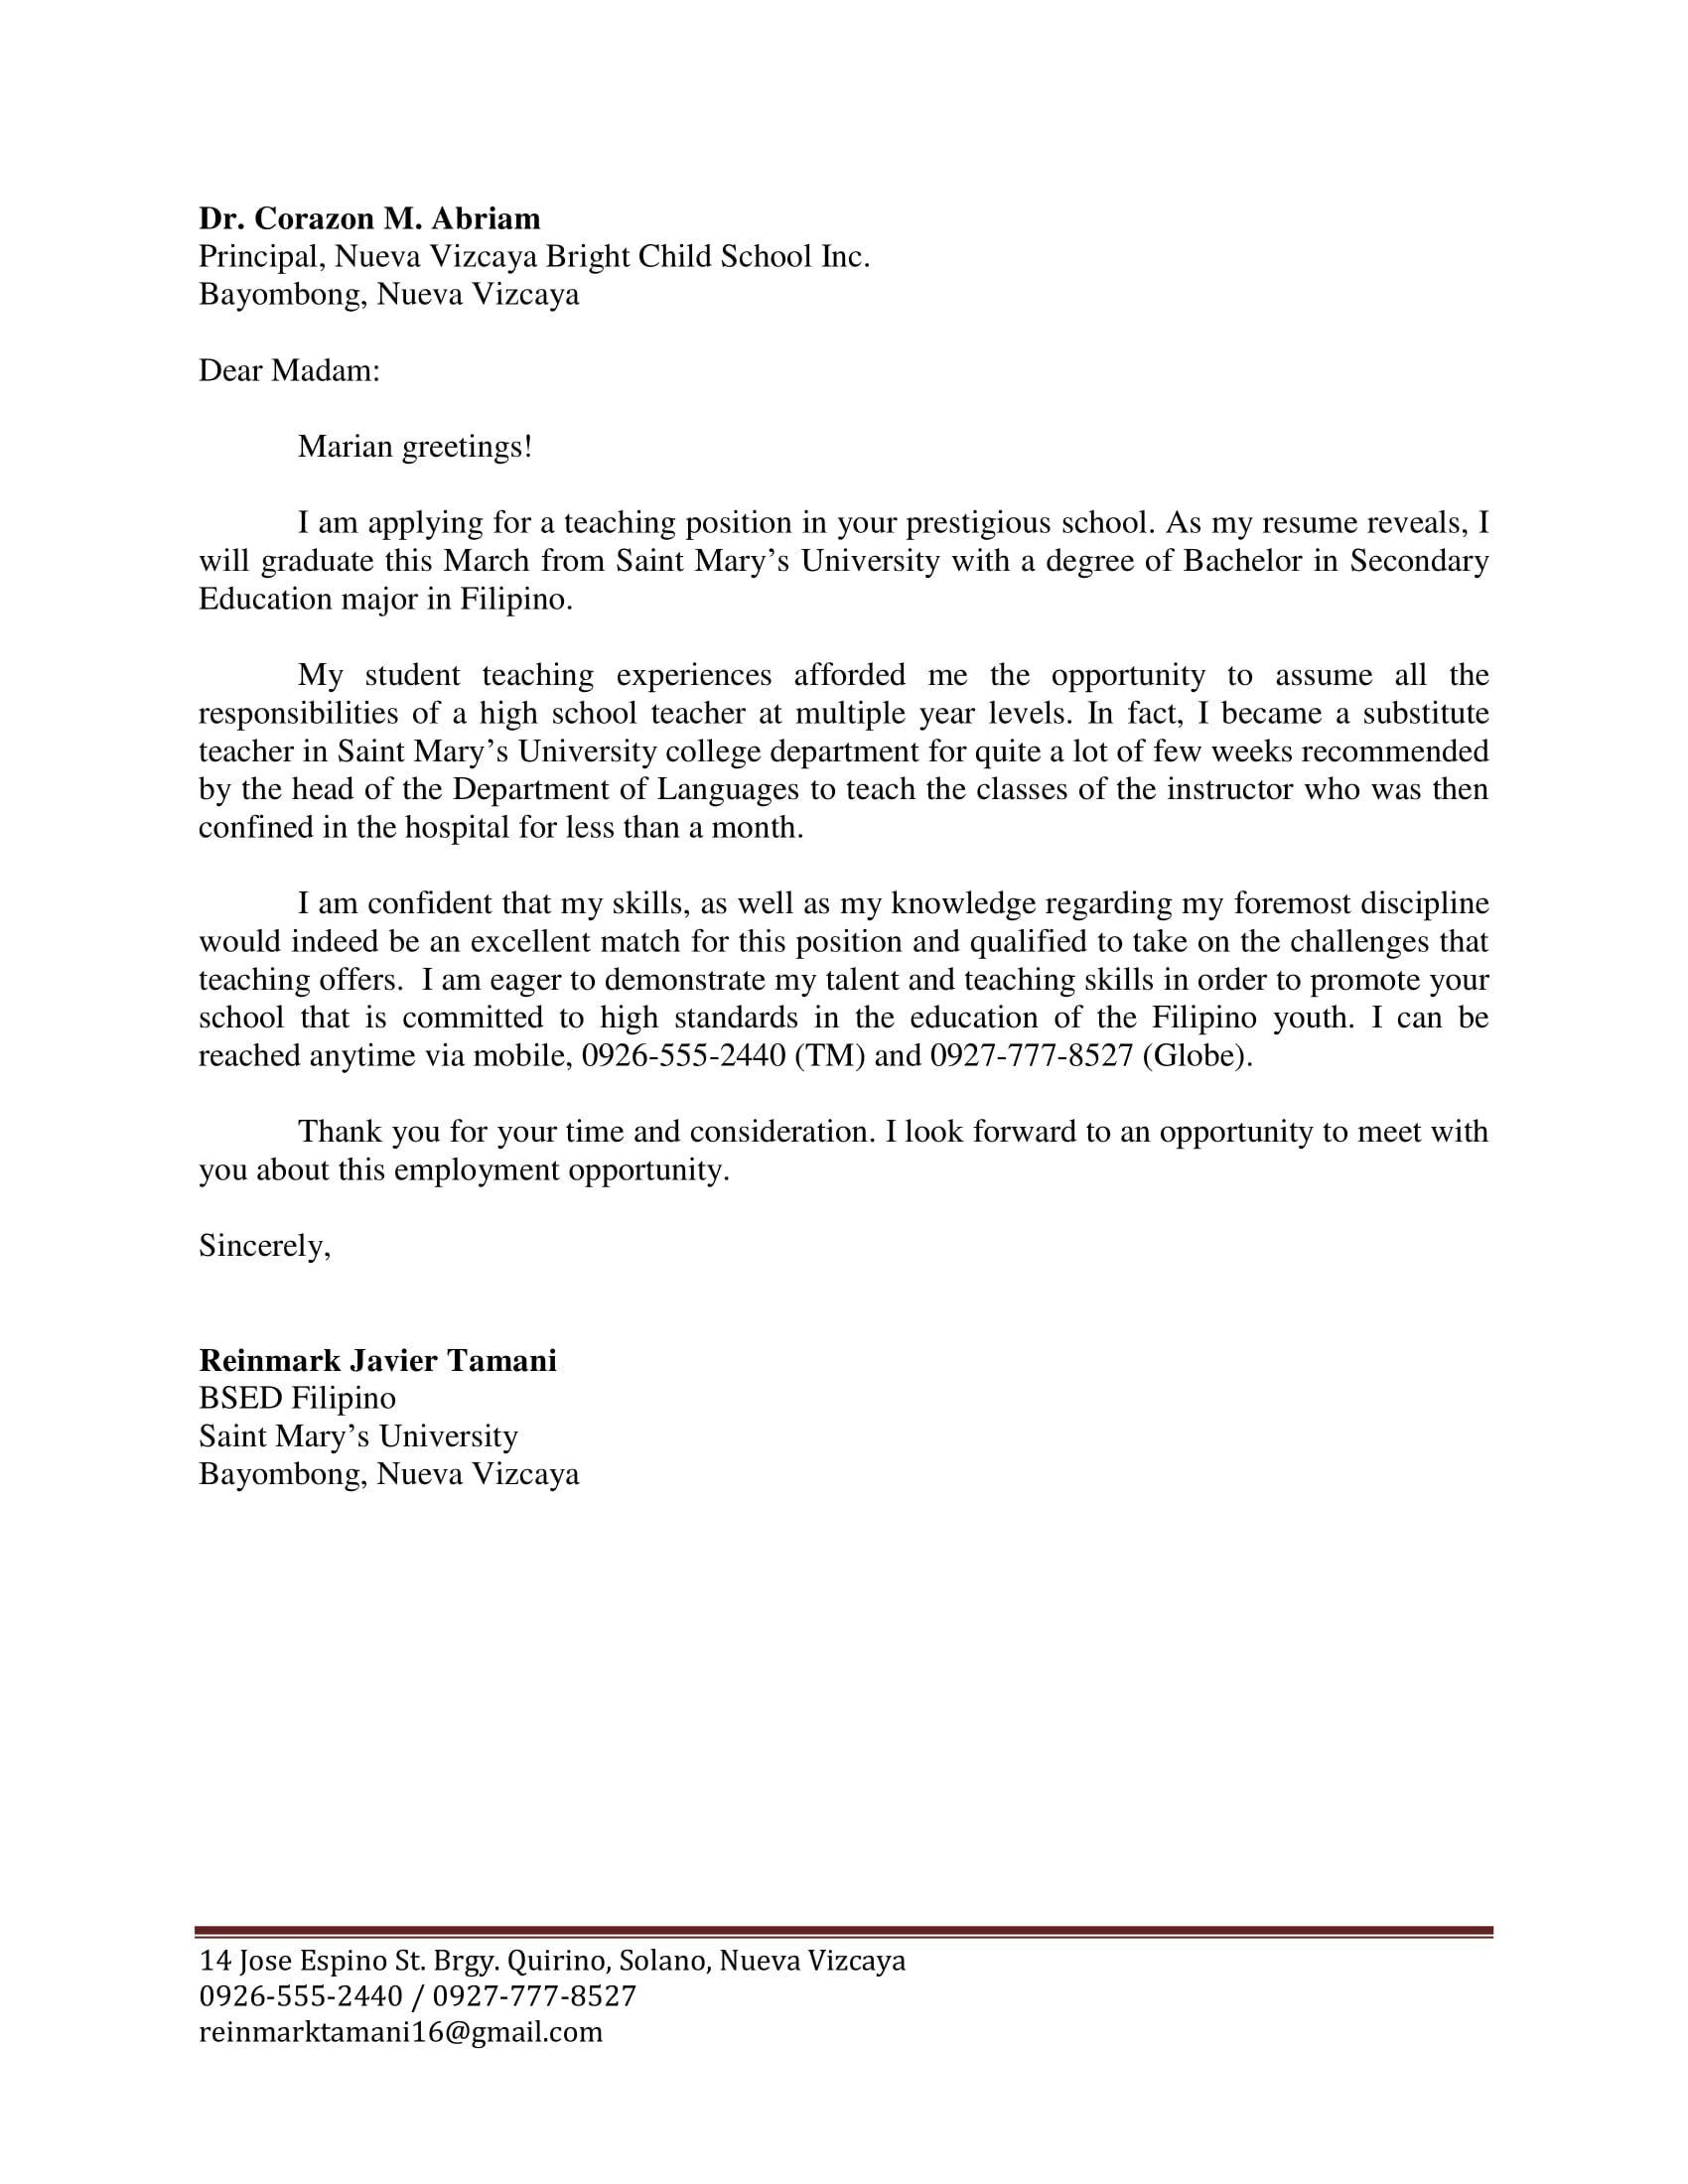 Contoh Surat Lamaran Kerja Dalam Bahasa Inggris Kelas 12 Id Lif Co Id